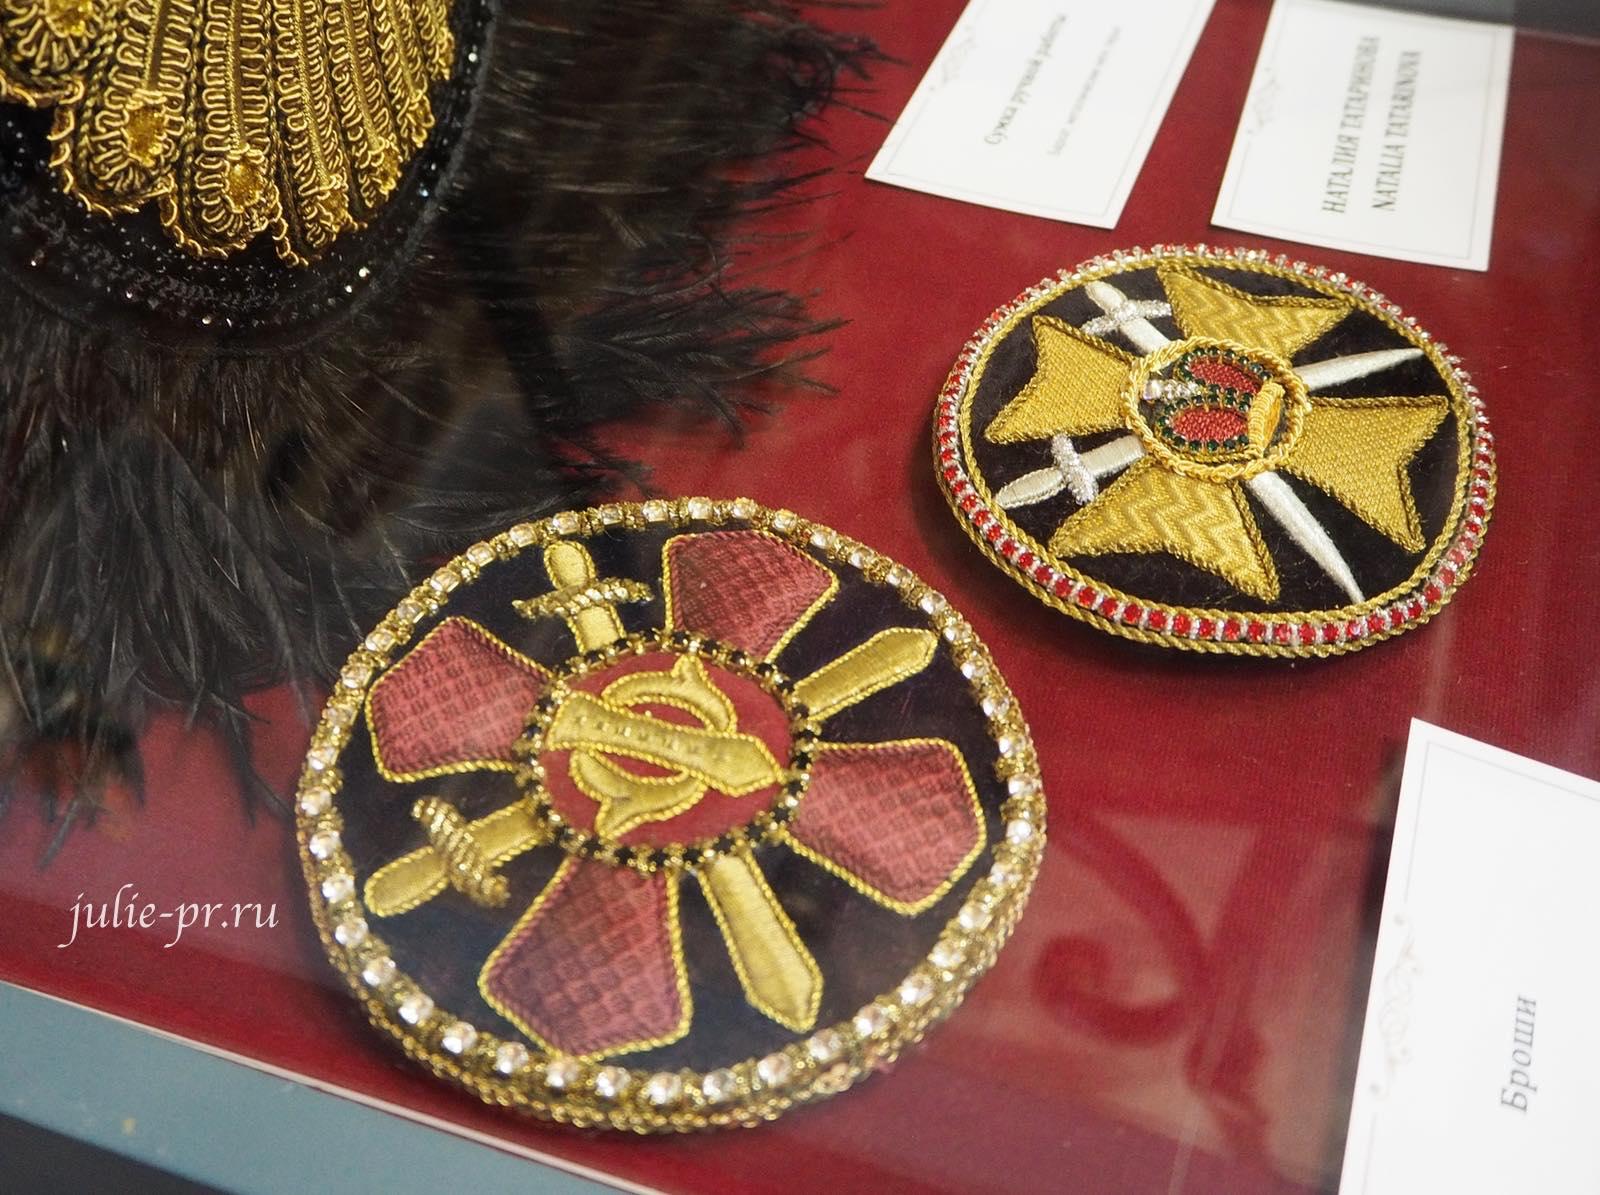 золотная вышивка, золотное шитье, Выставка Цветная матрица мечты, Музей Русский Левша, Санкт-Петербург